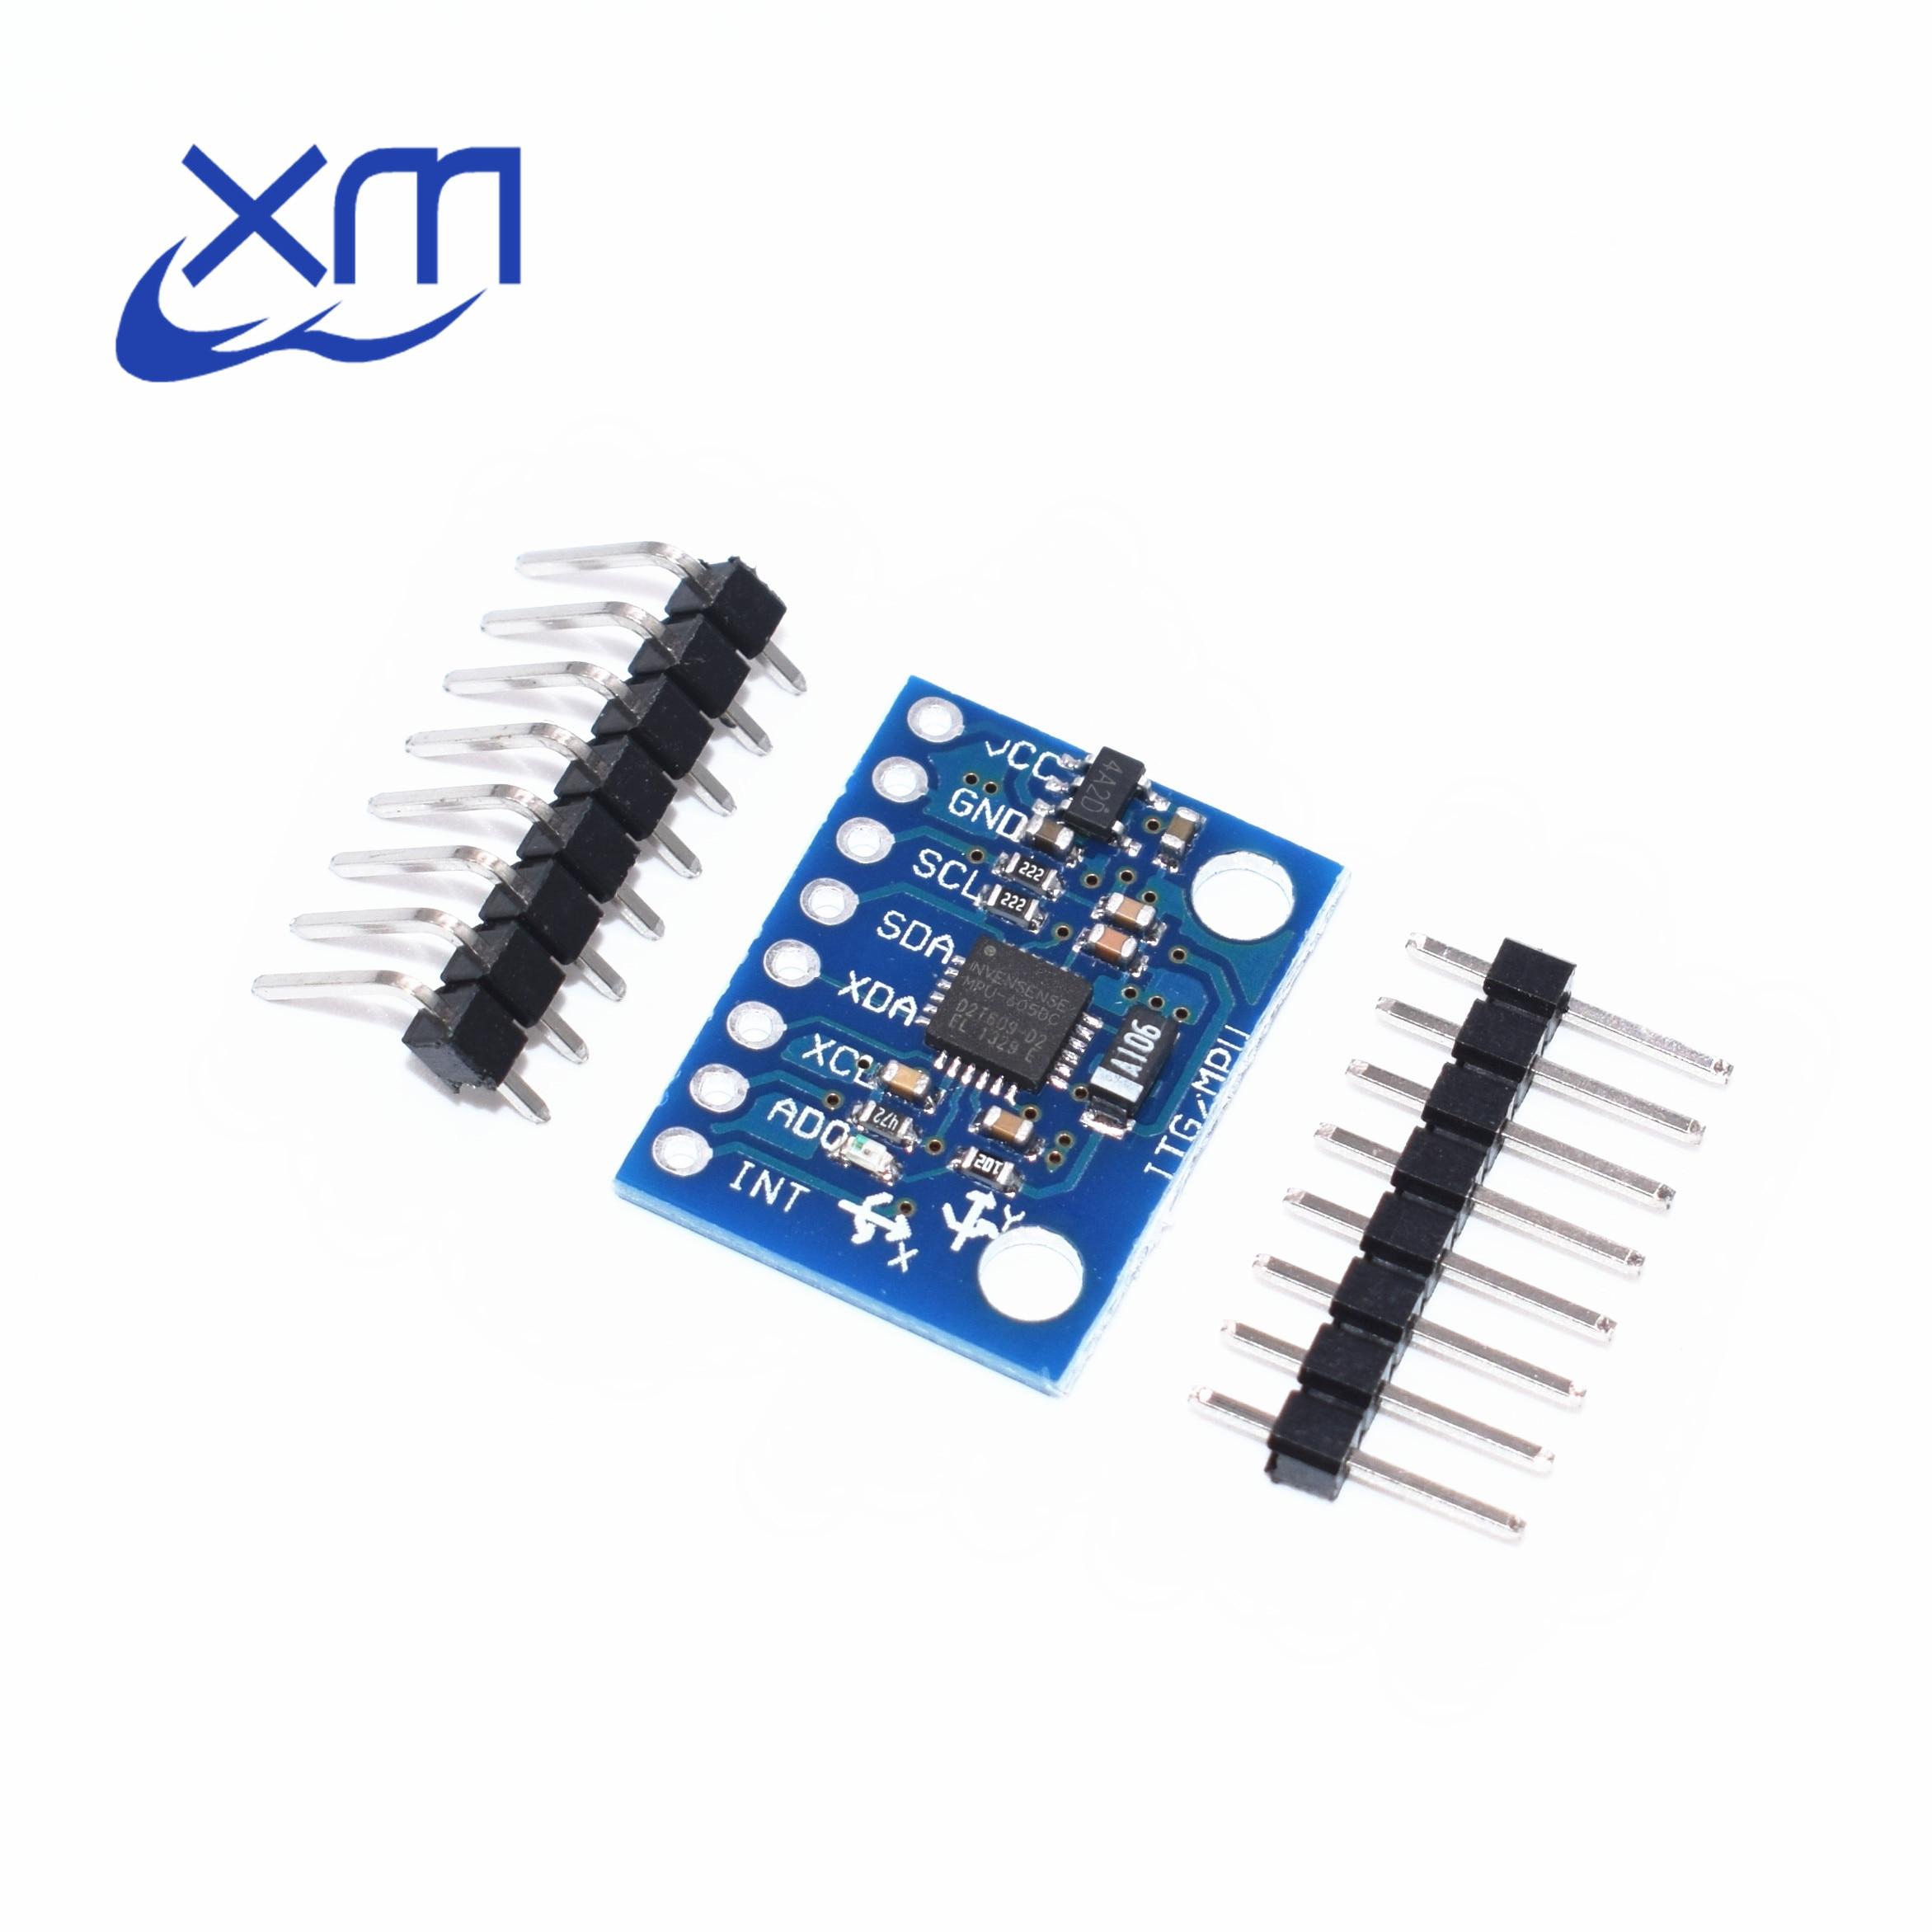 MCIGICM 100pcs dc dc step up buck 2A boost module LM2577 DC DC boost module wide